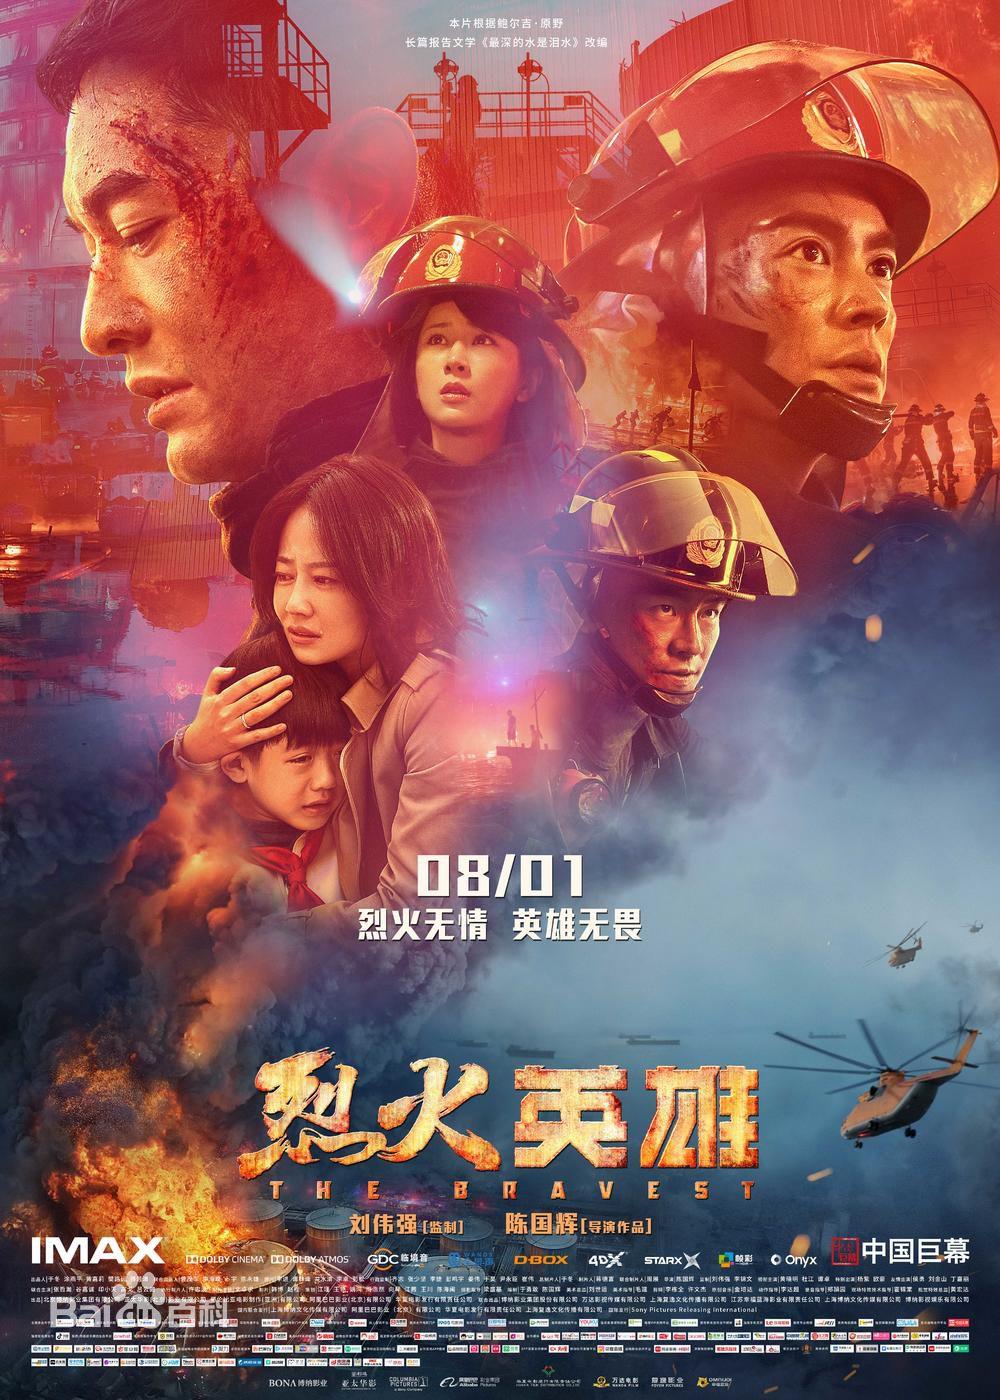 烈火英雄电影2D版(HD1080p)完整版手机免费在线观看视频下载